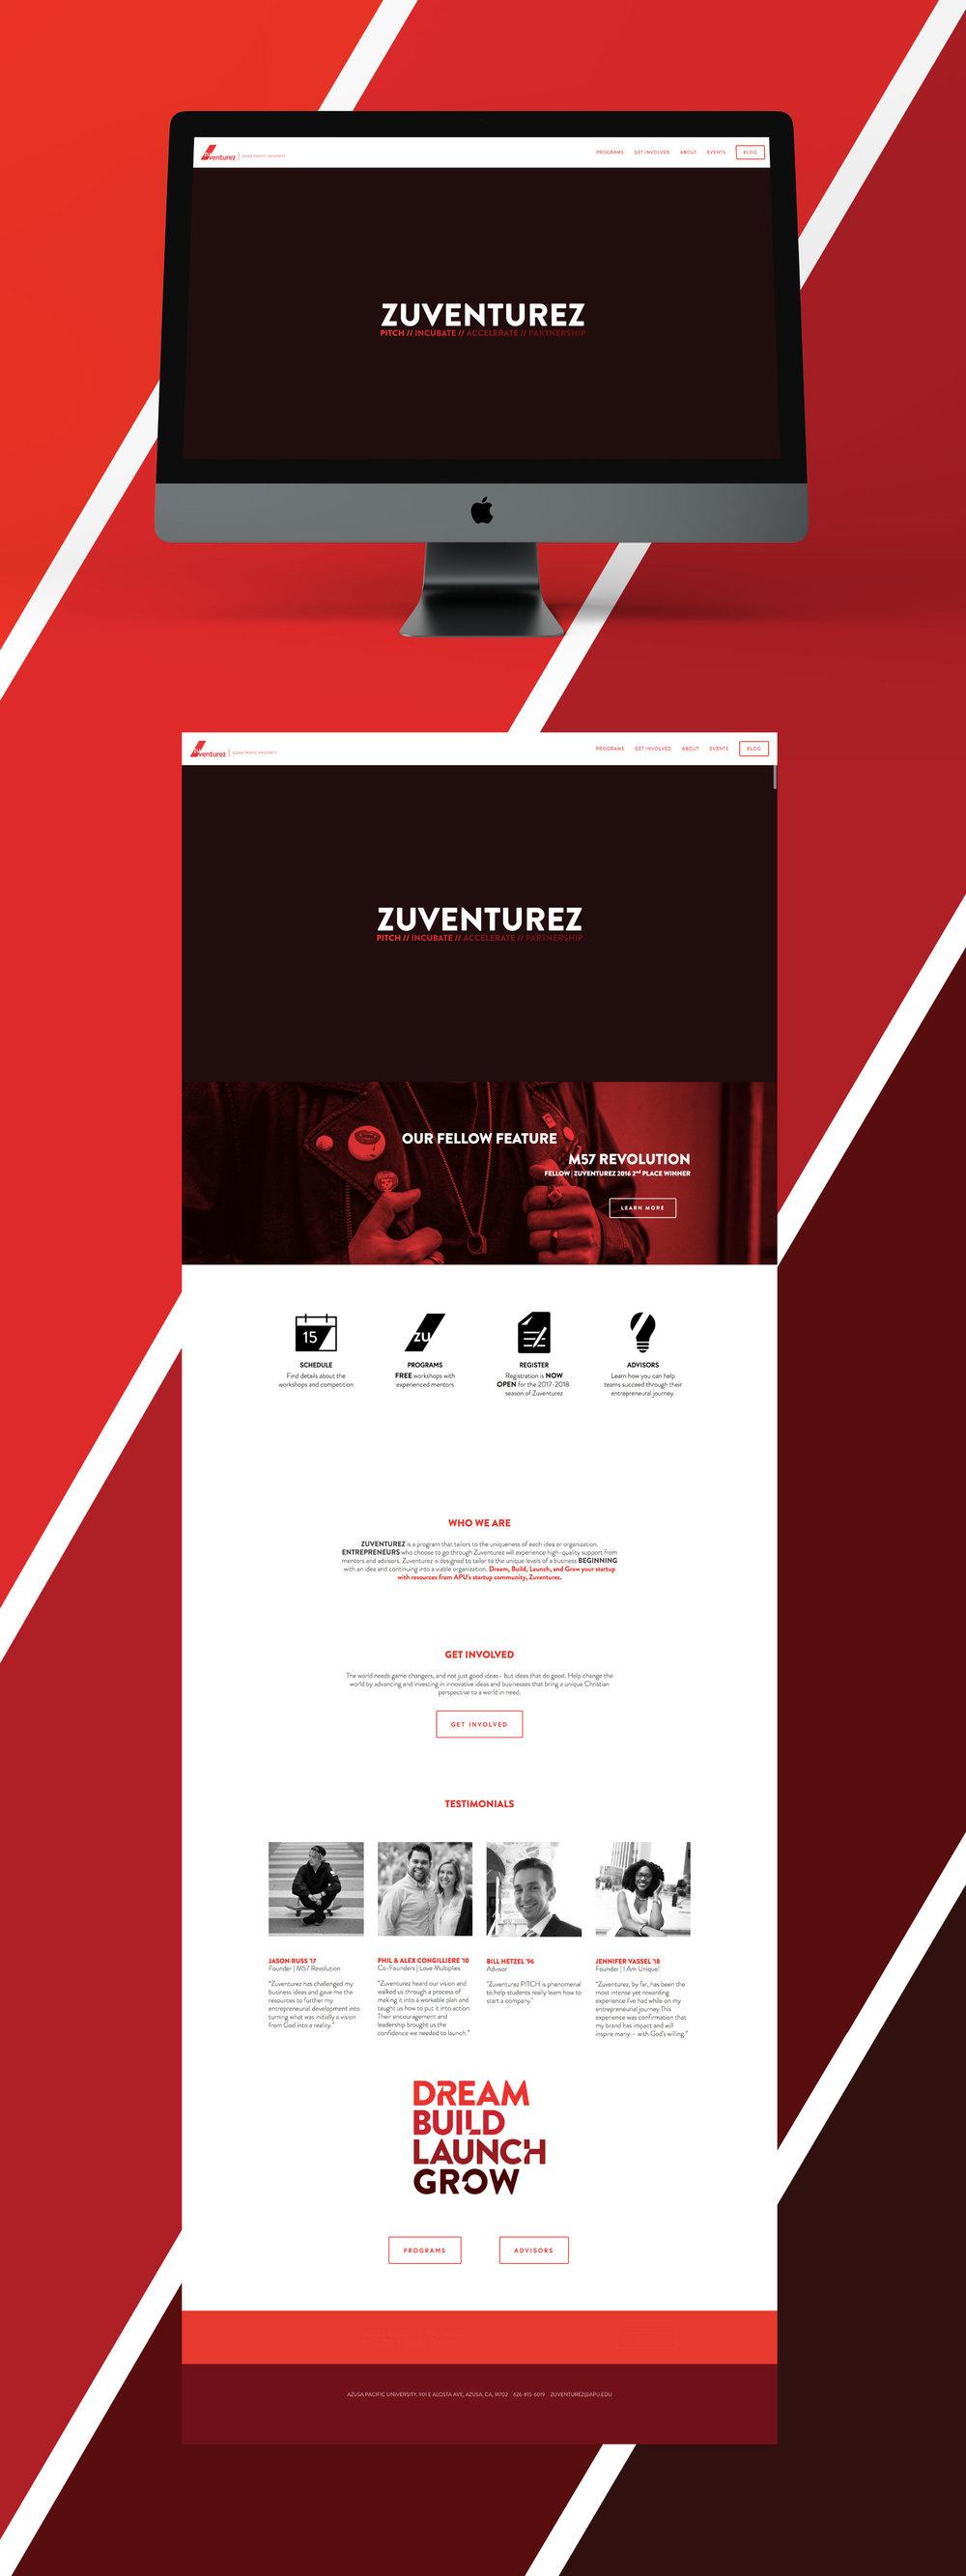 ZV_Website_Mockup2.jpg